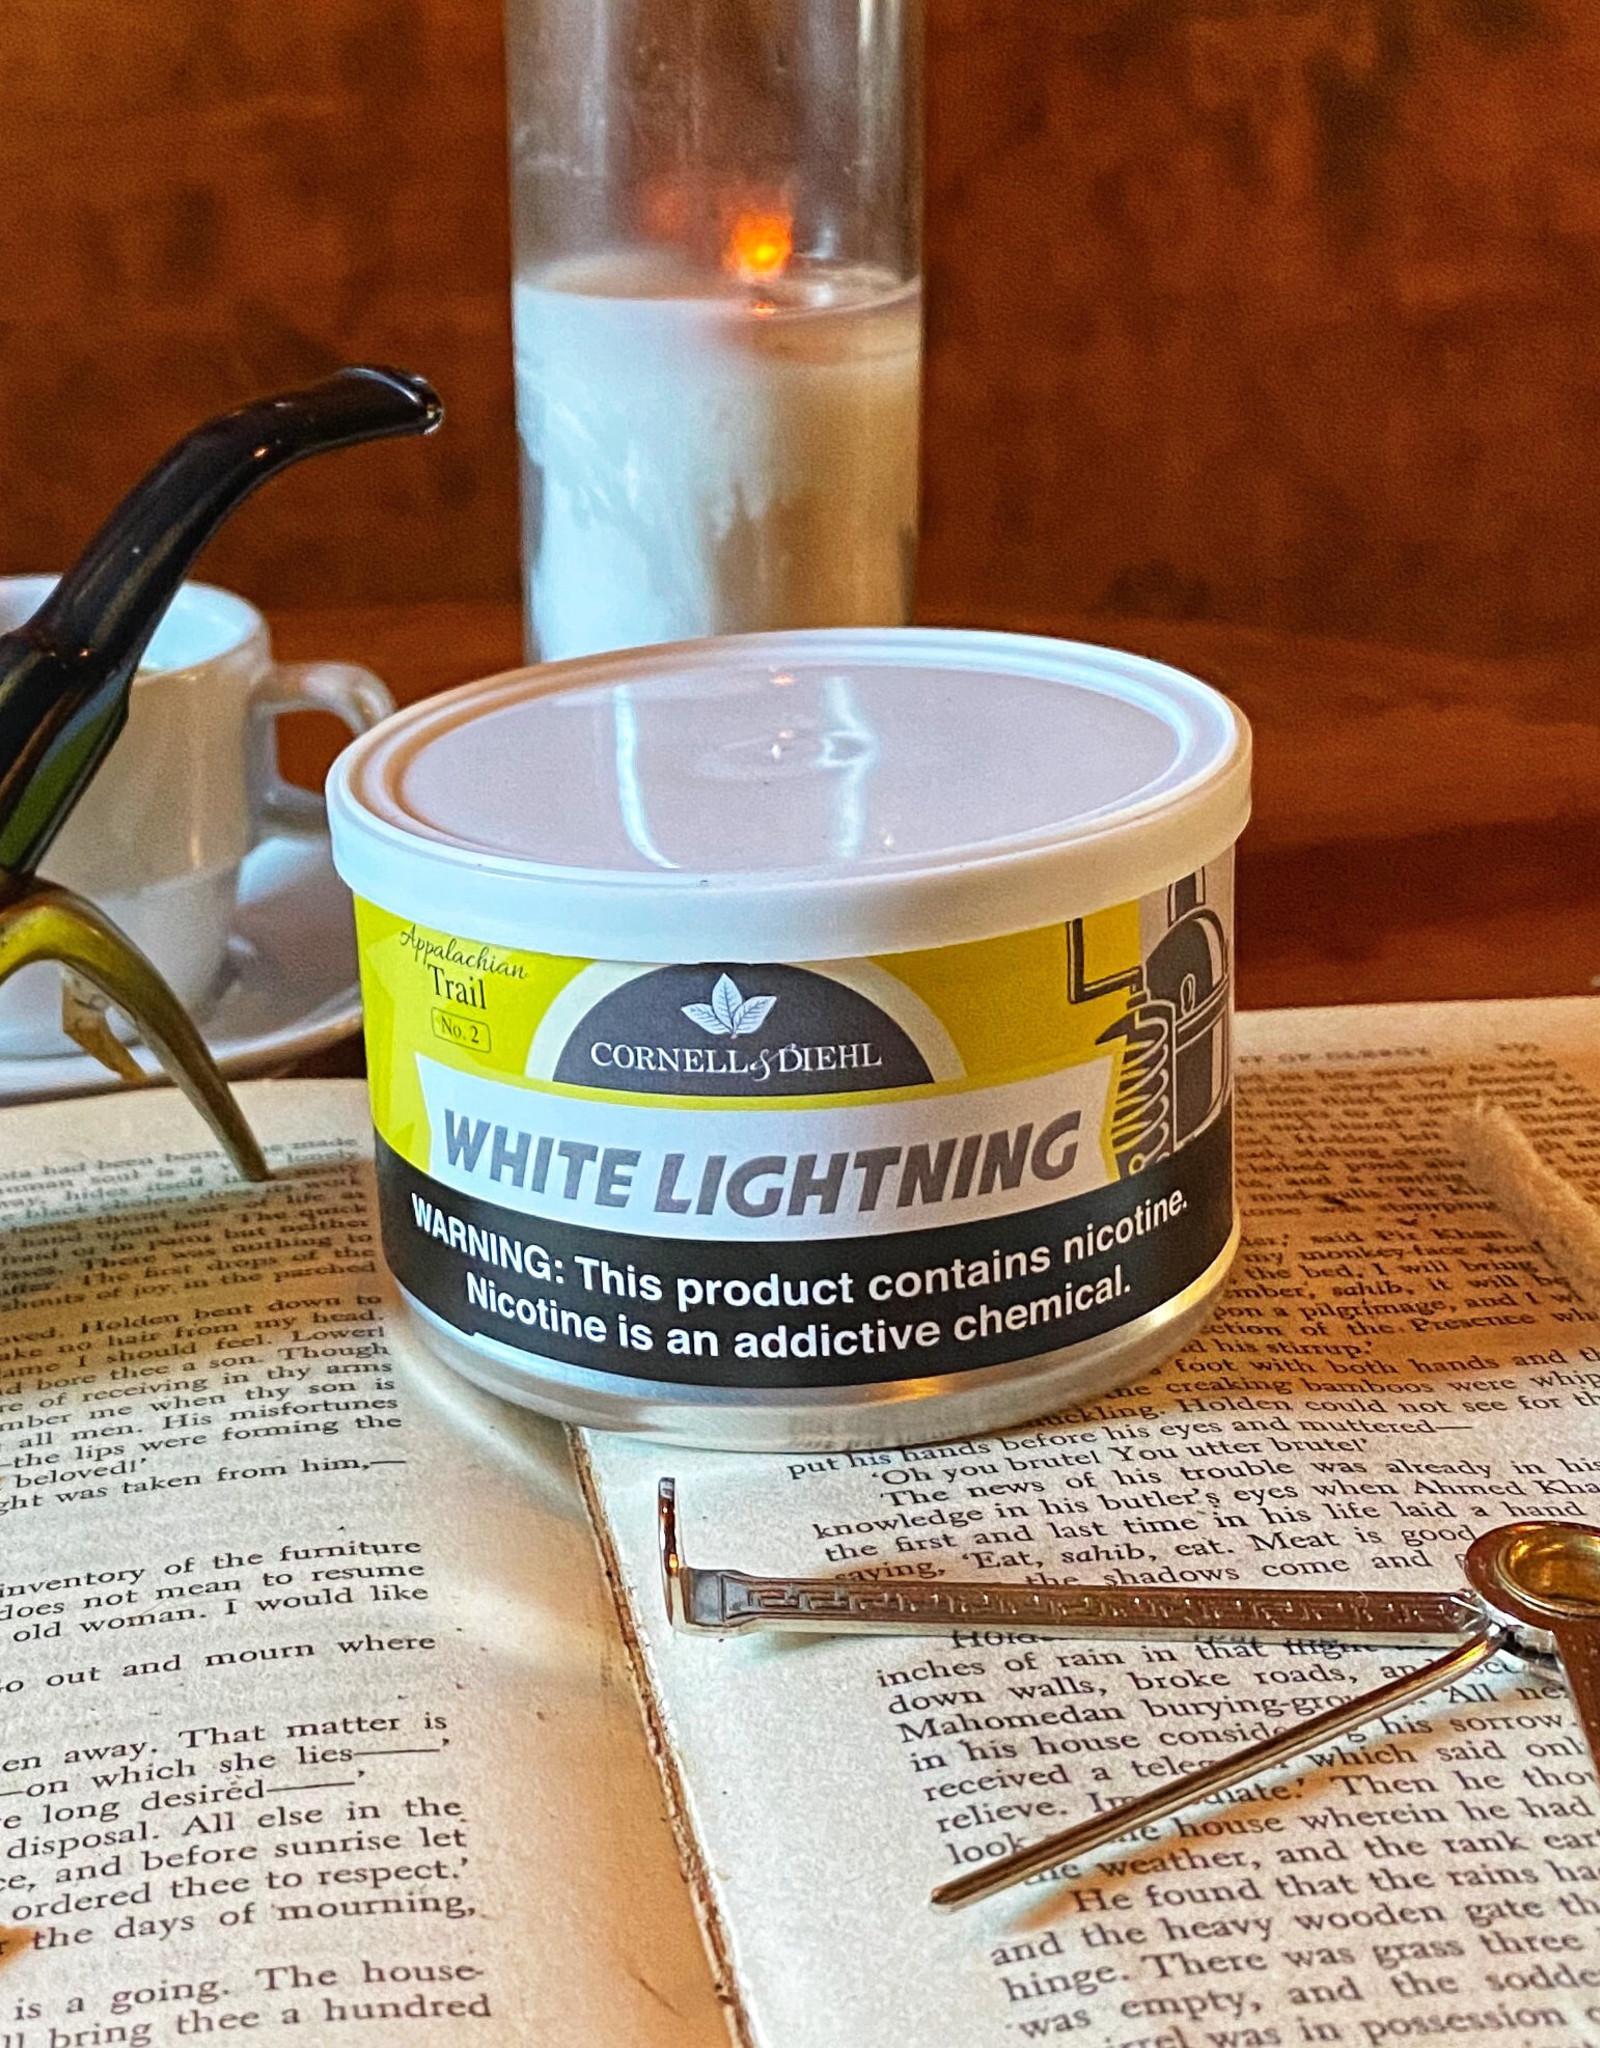 Cornell & Diehl Cornell & Diehl Pipe Tobacco White Lightning 2oz